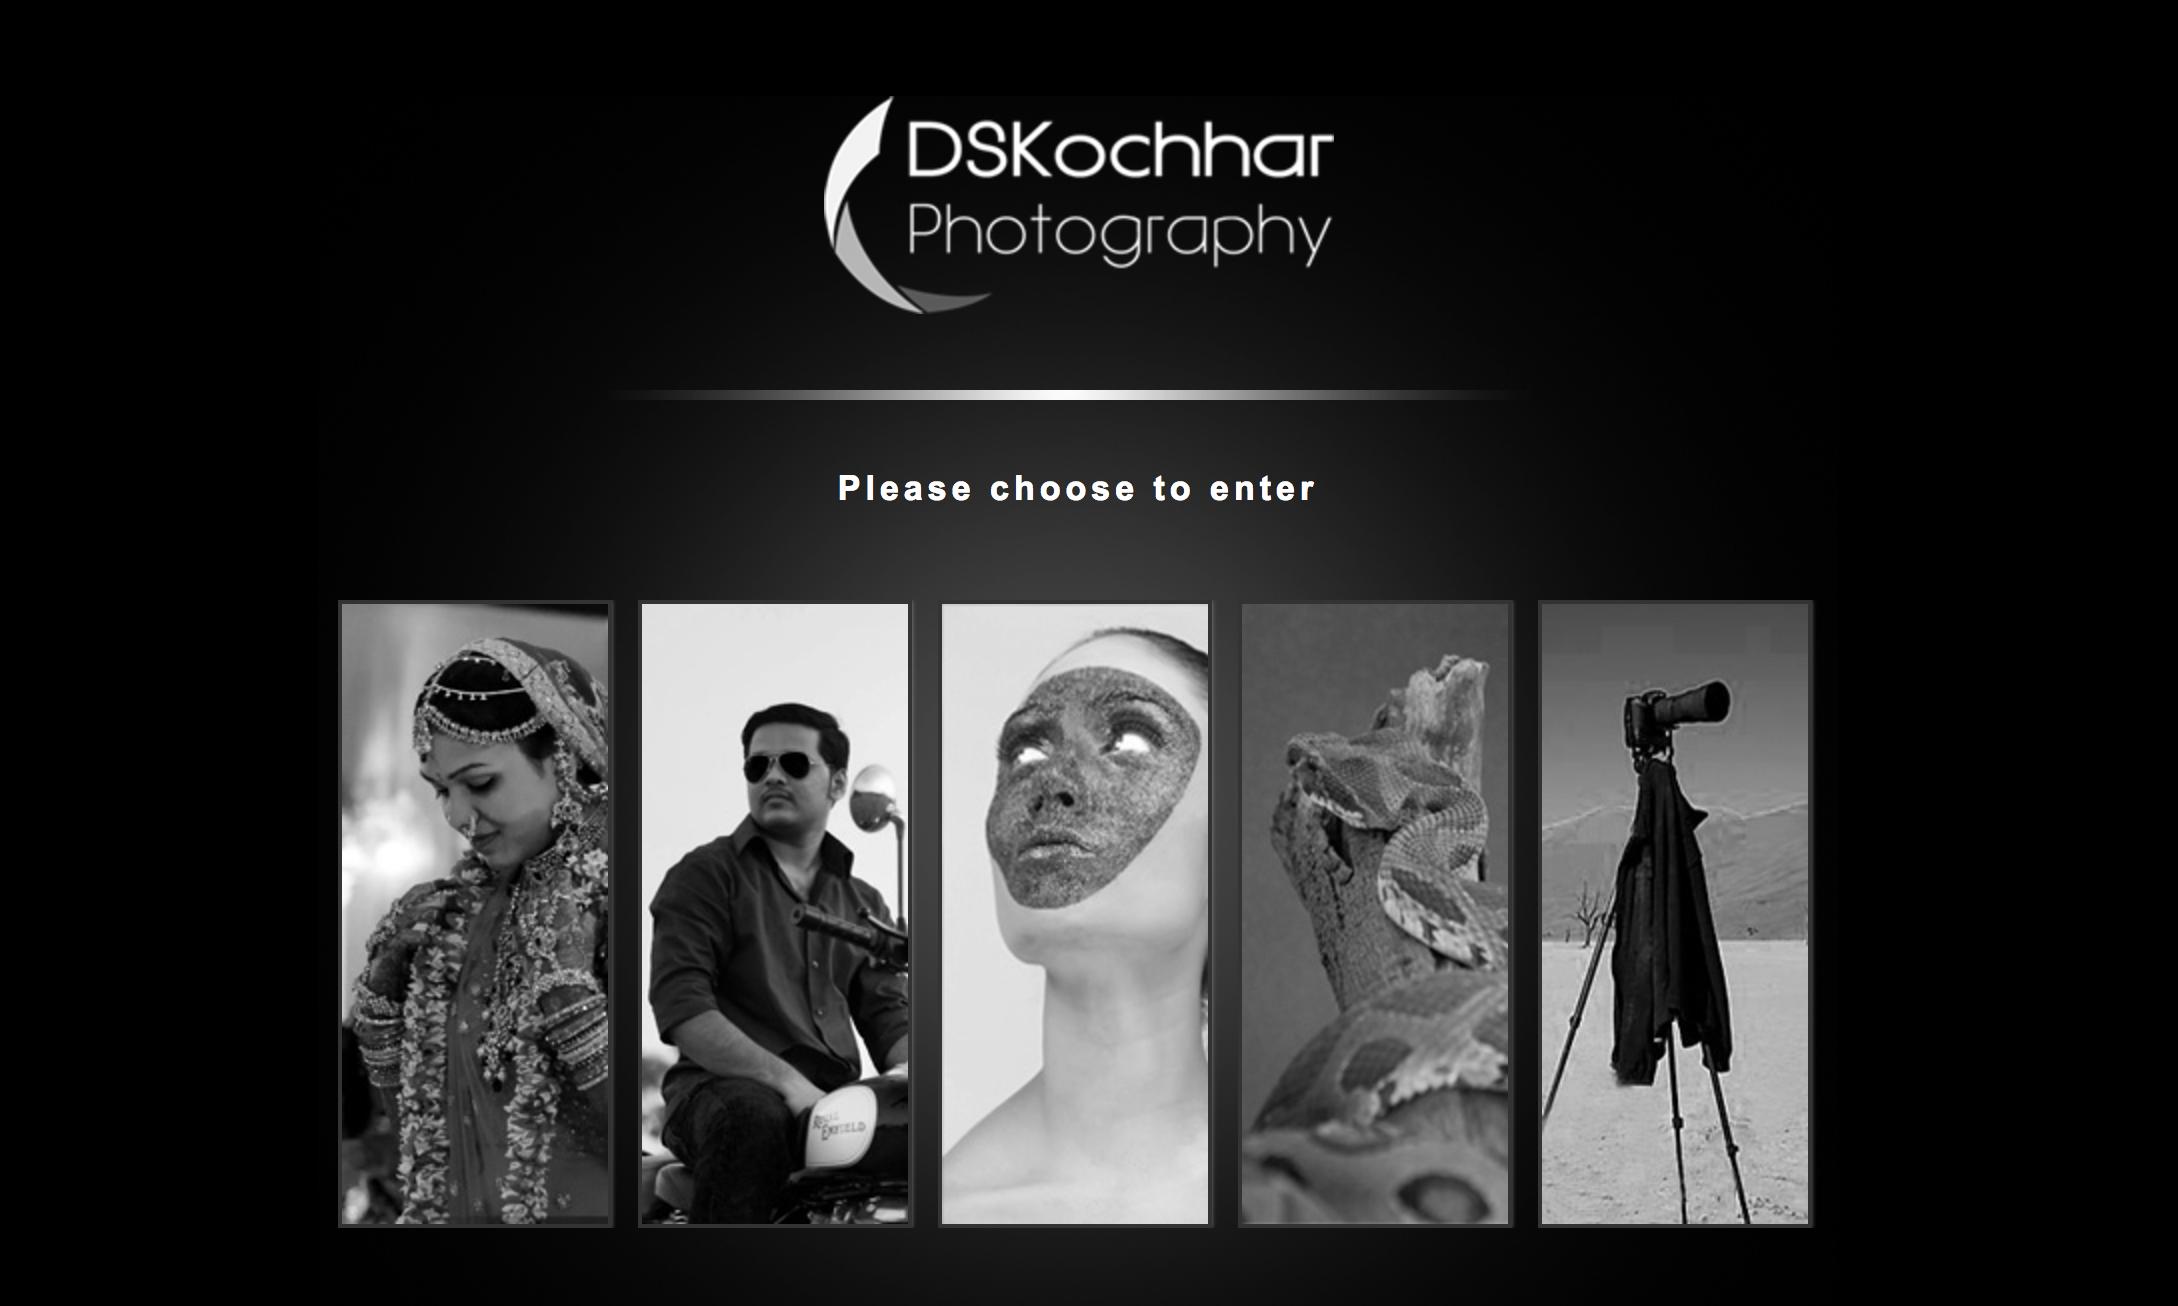 darvinder kochhar old website